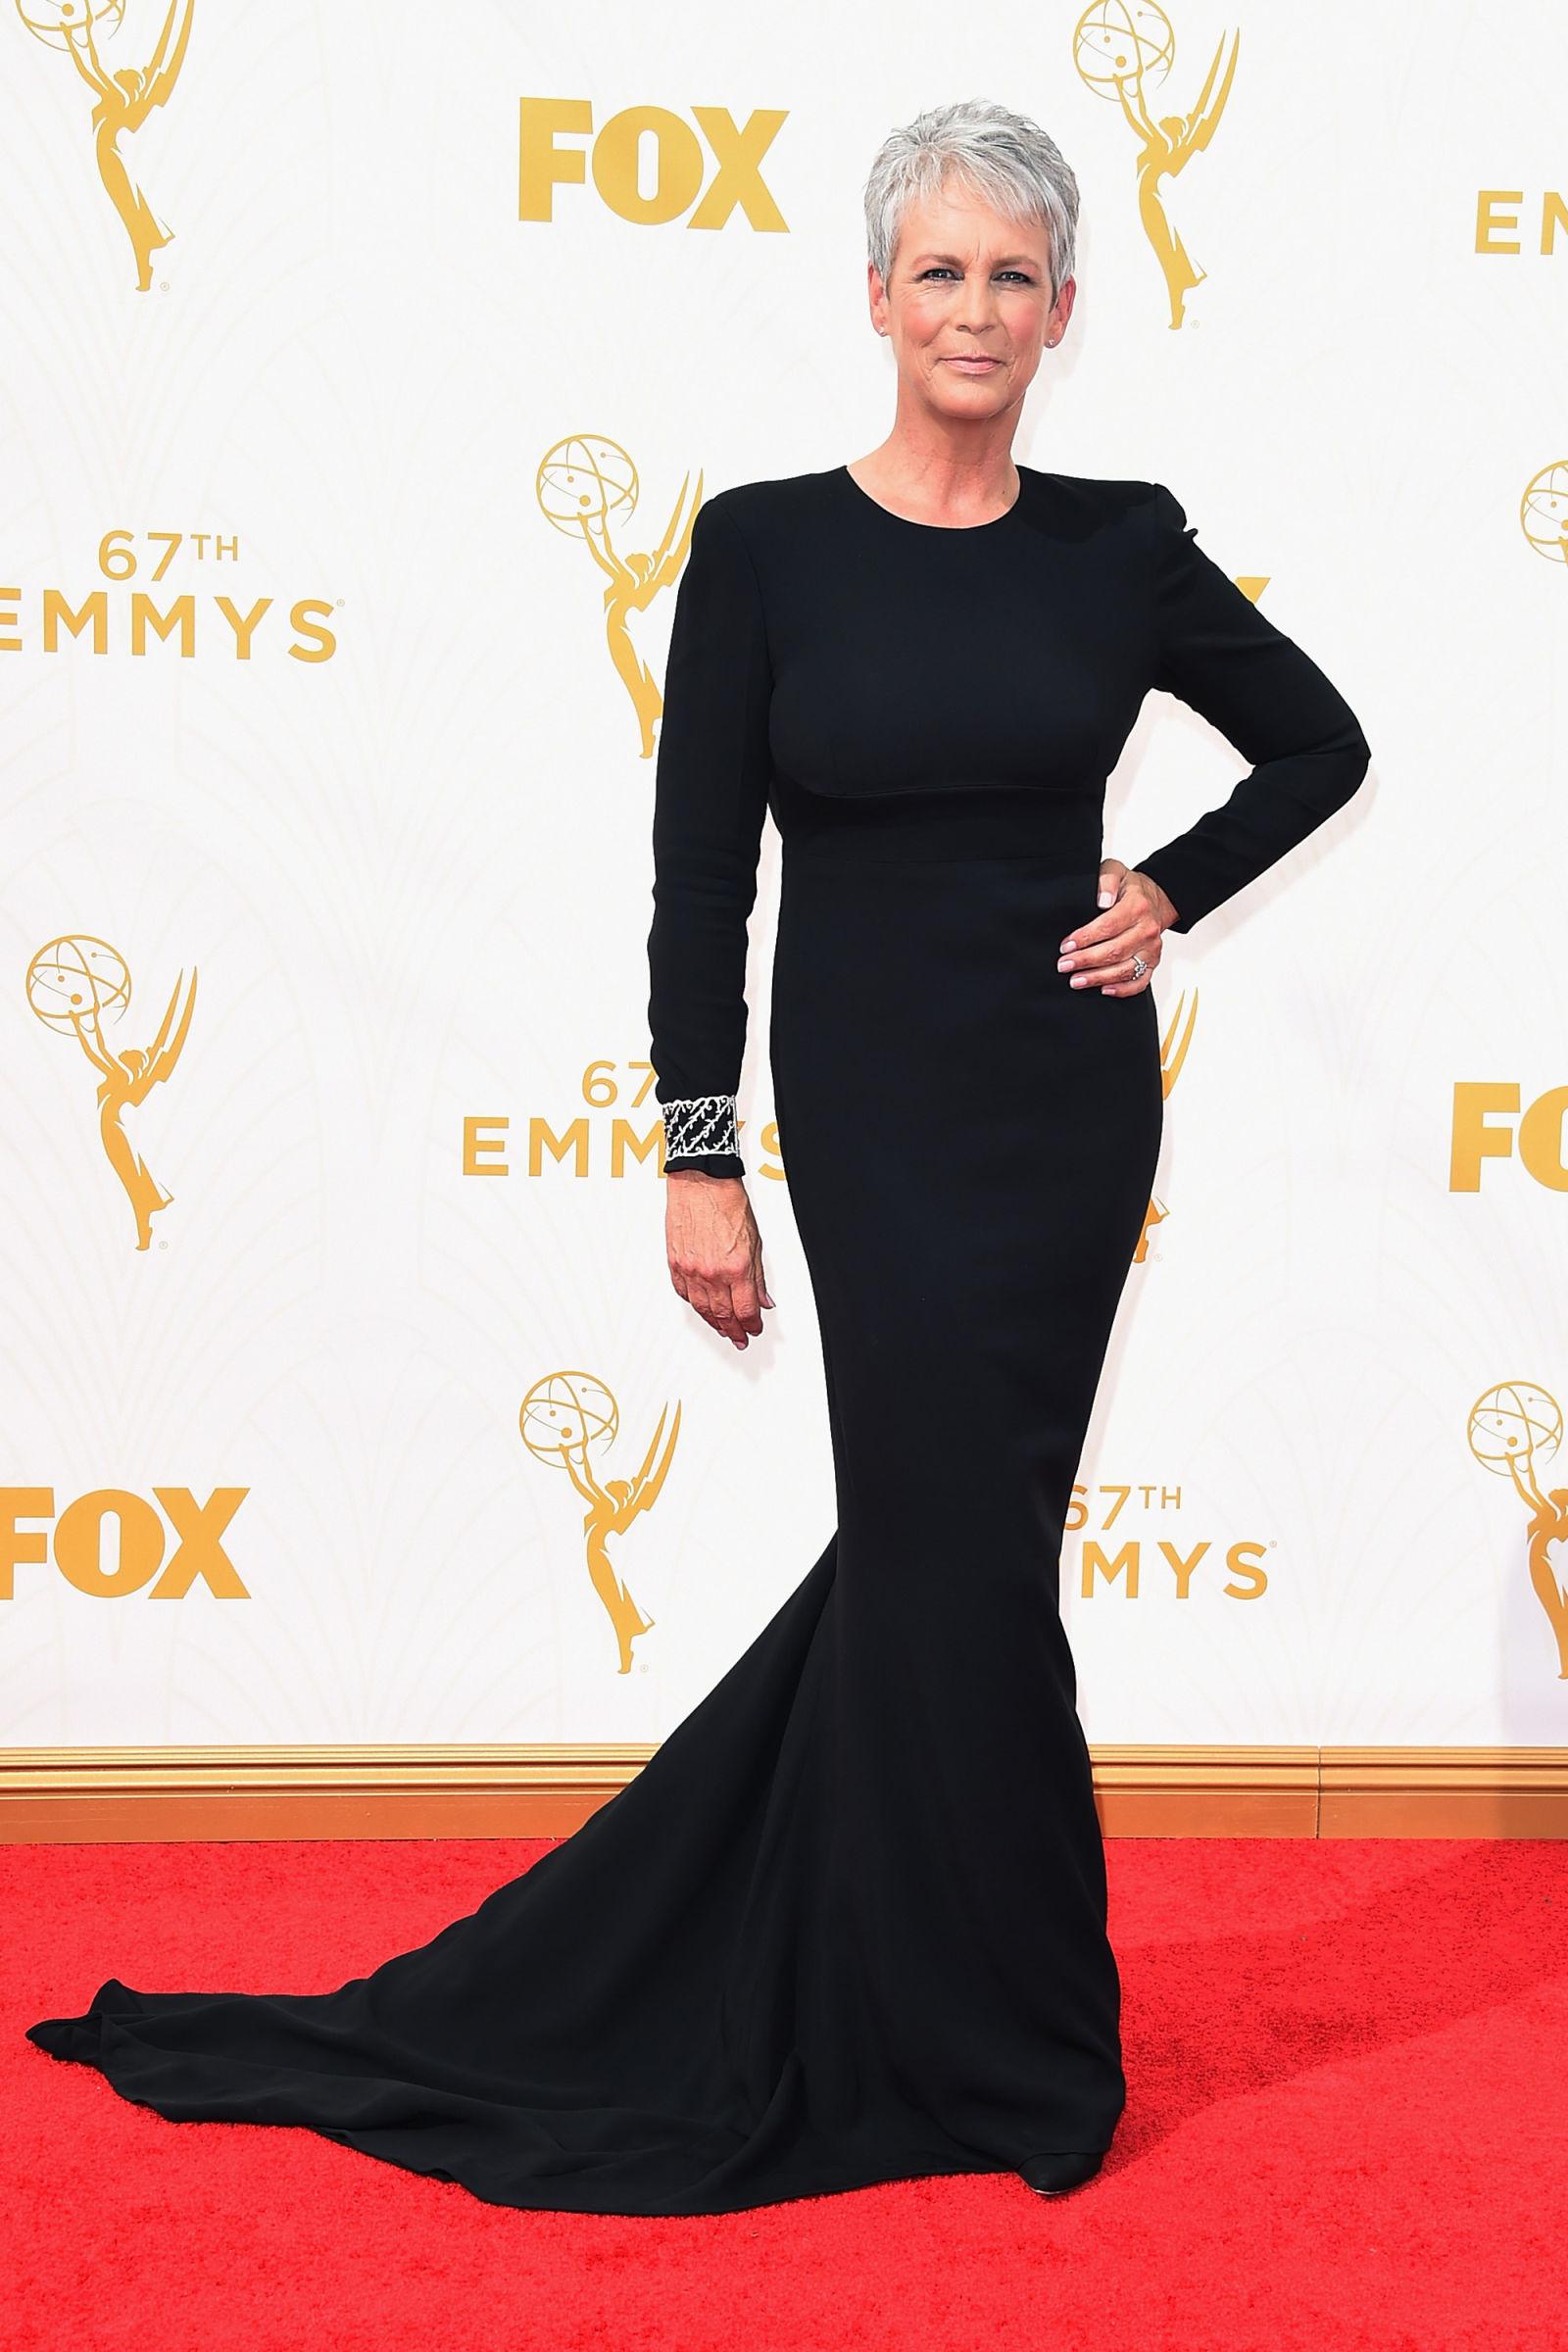 Emmys-2015-Jaimie-Lee-cURTIS